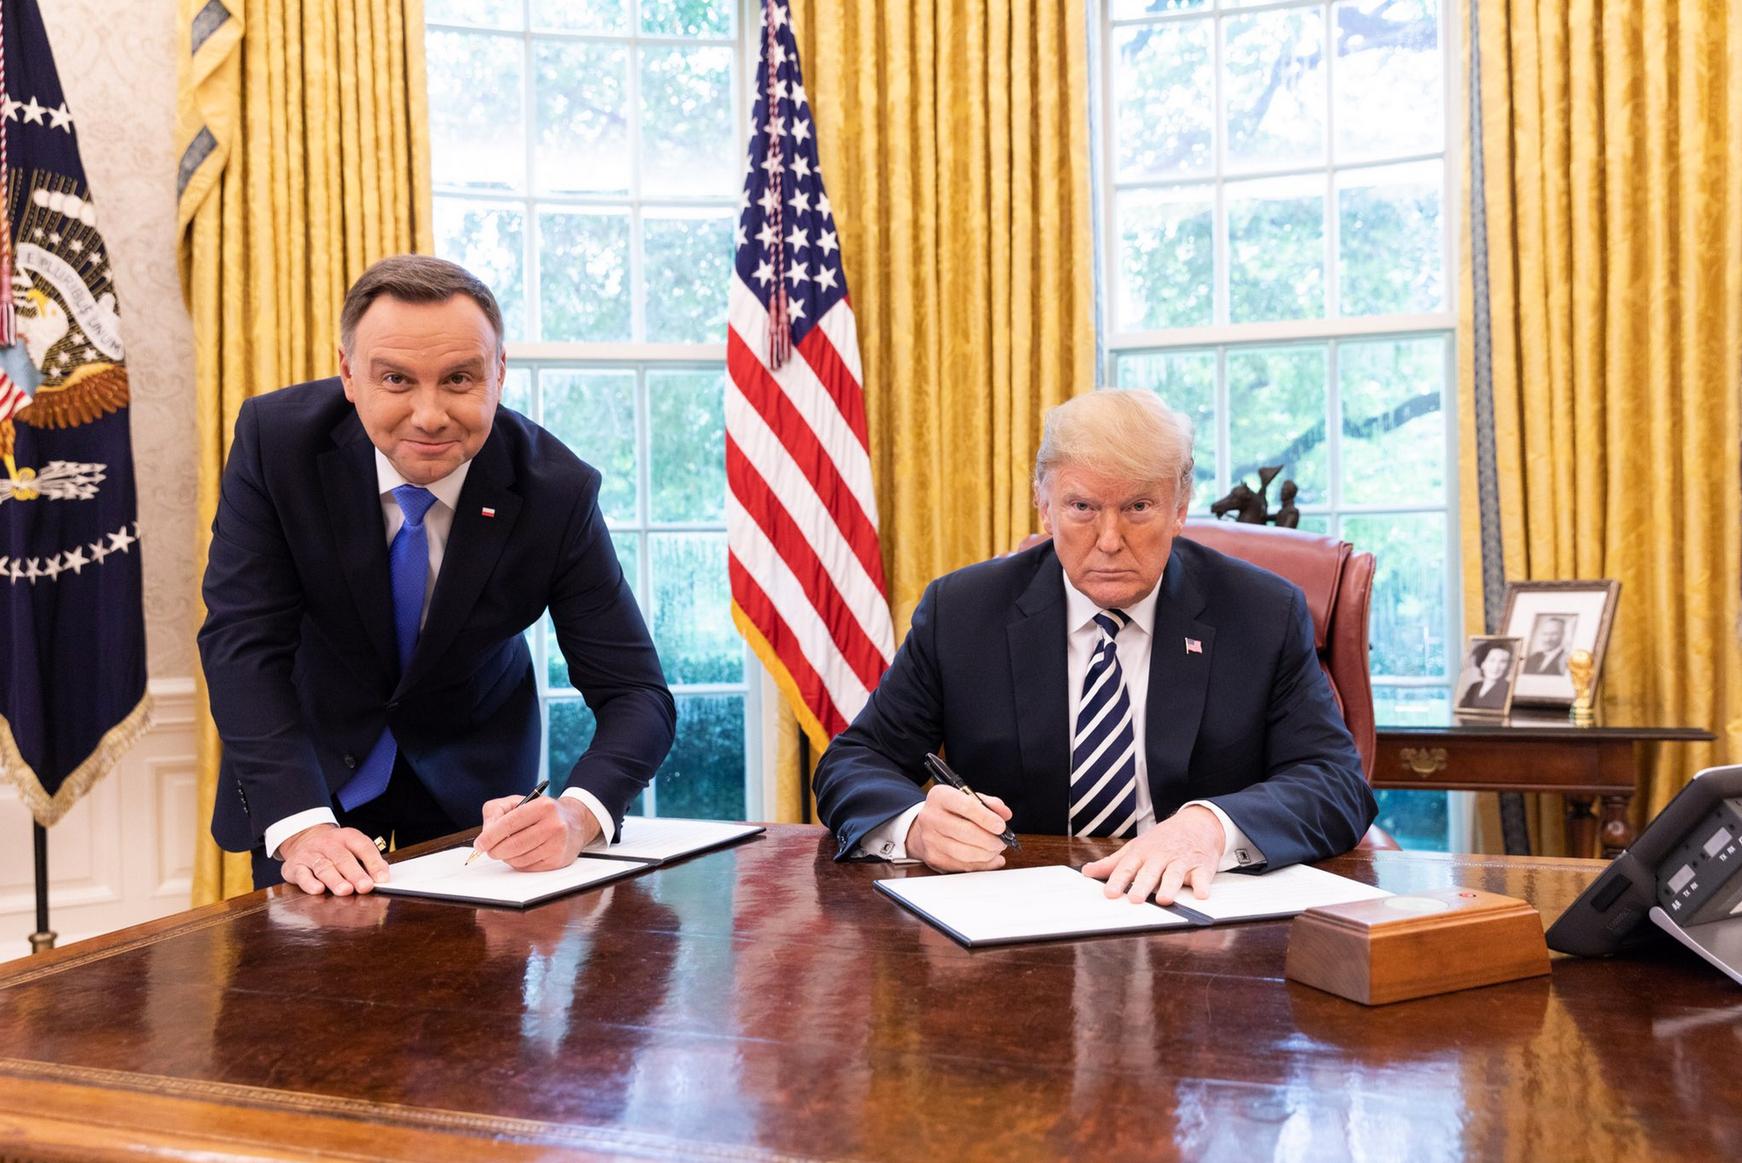 Prezydenci Polski i USA w Białym Domu podpisali wspólną deklarację